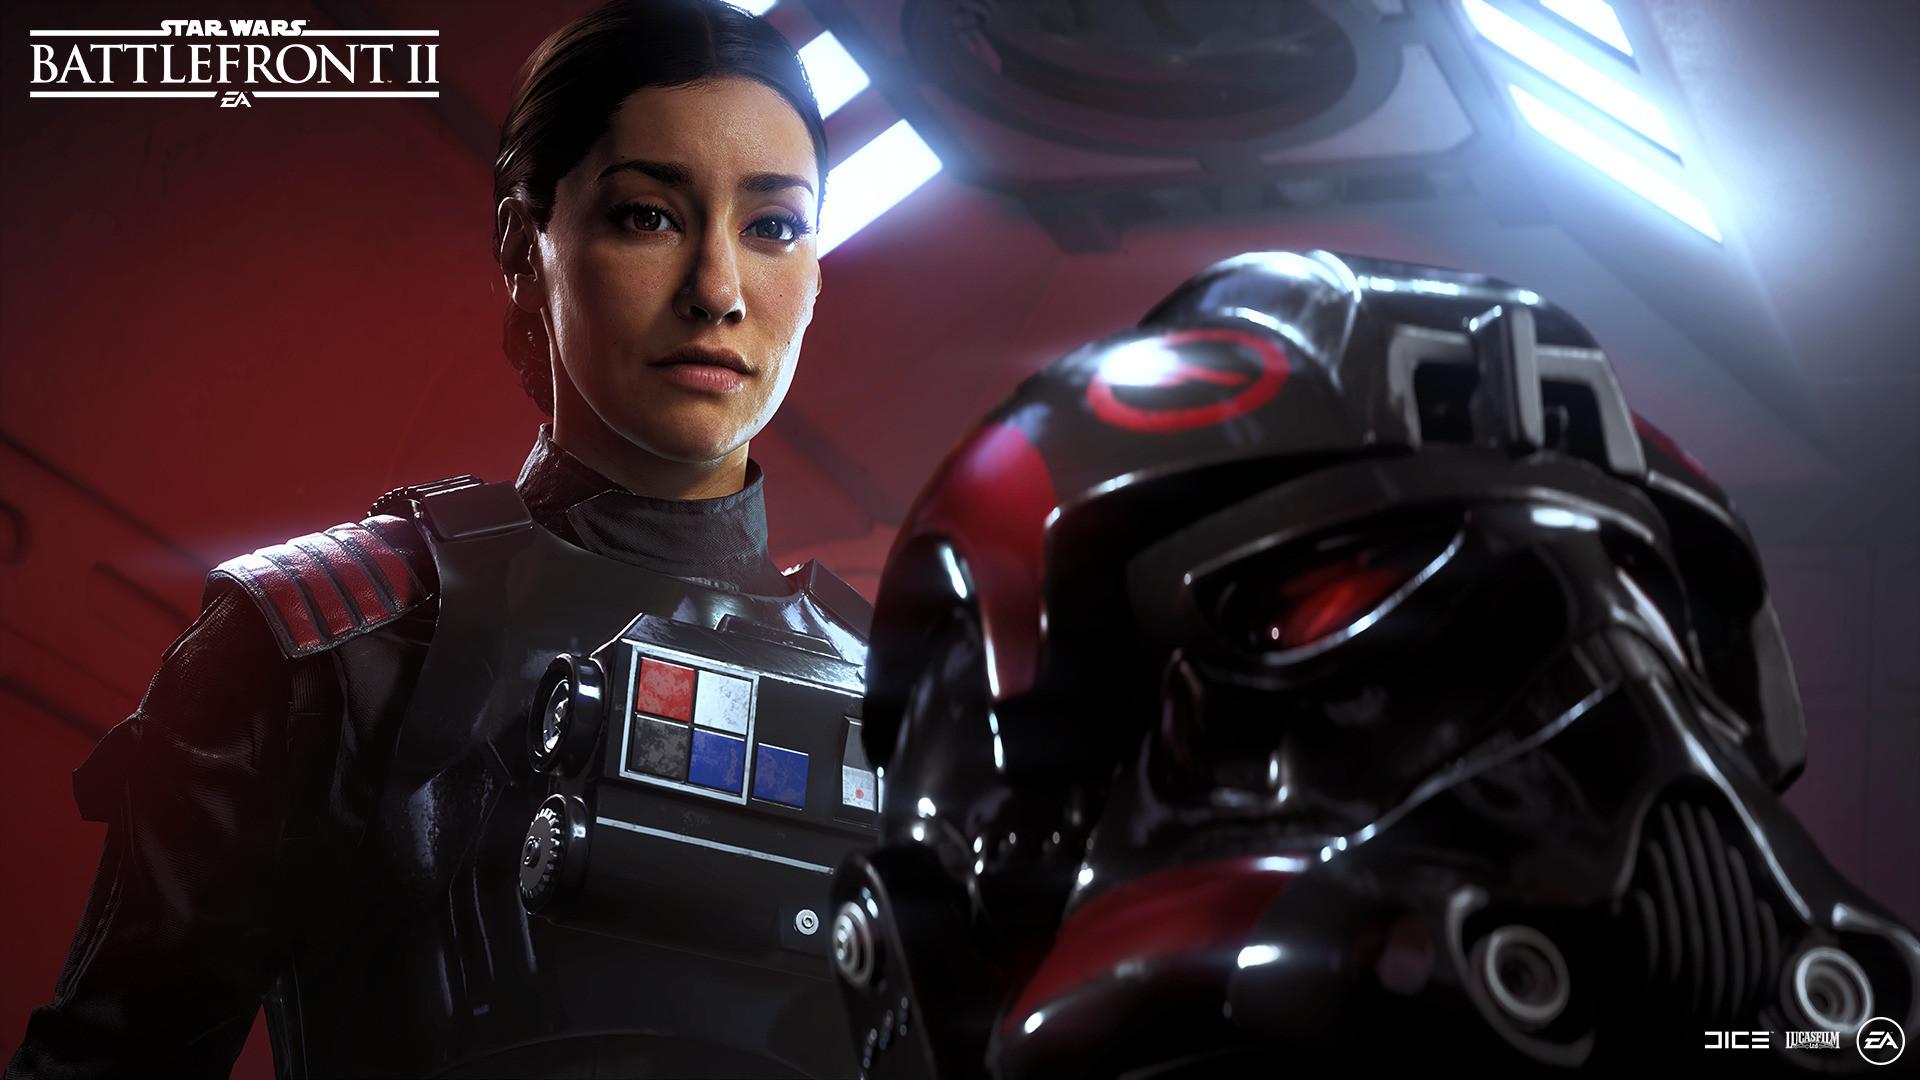 Представлены официальные скриншоты сюжетного режима Star Wars: Battlefront 2